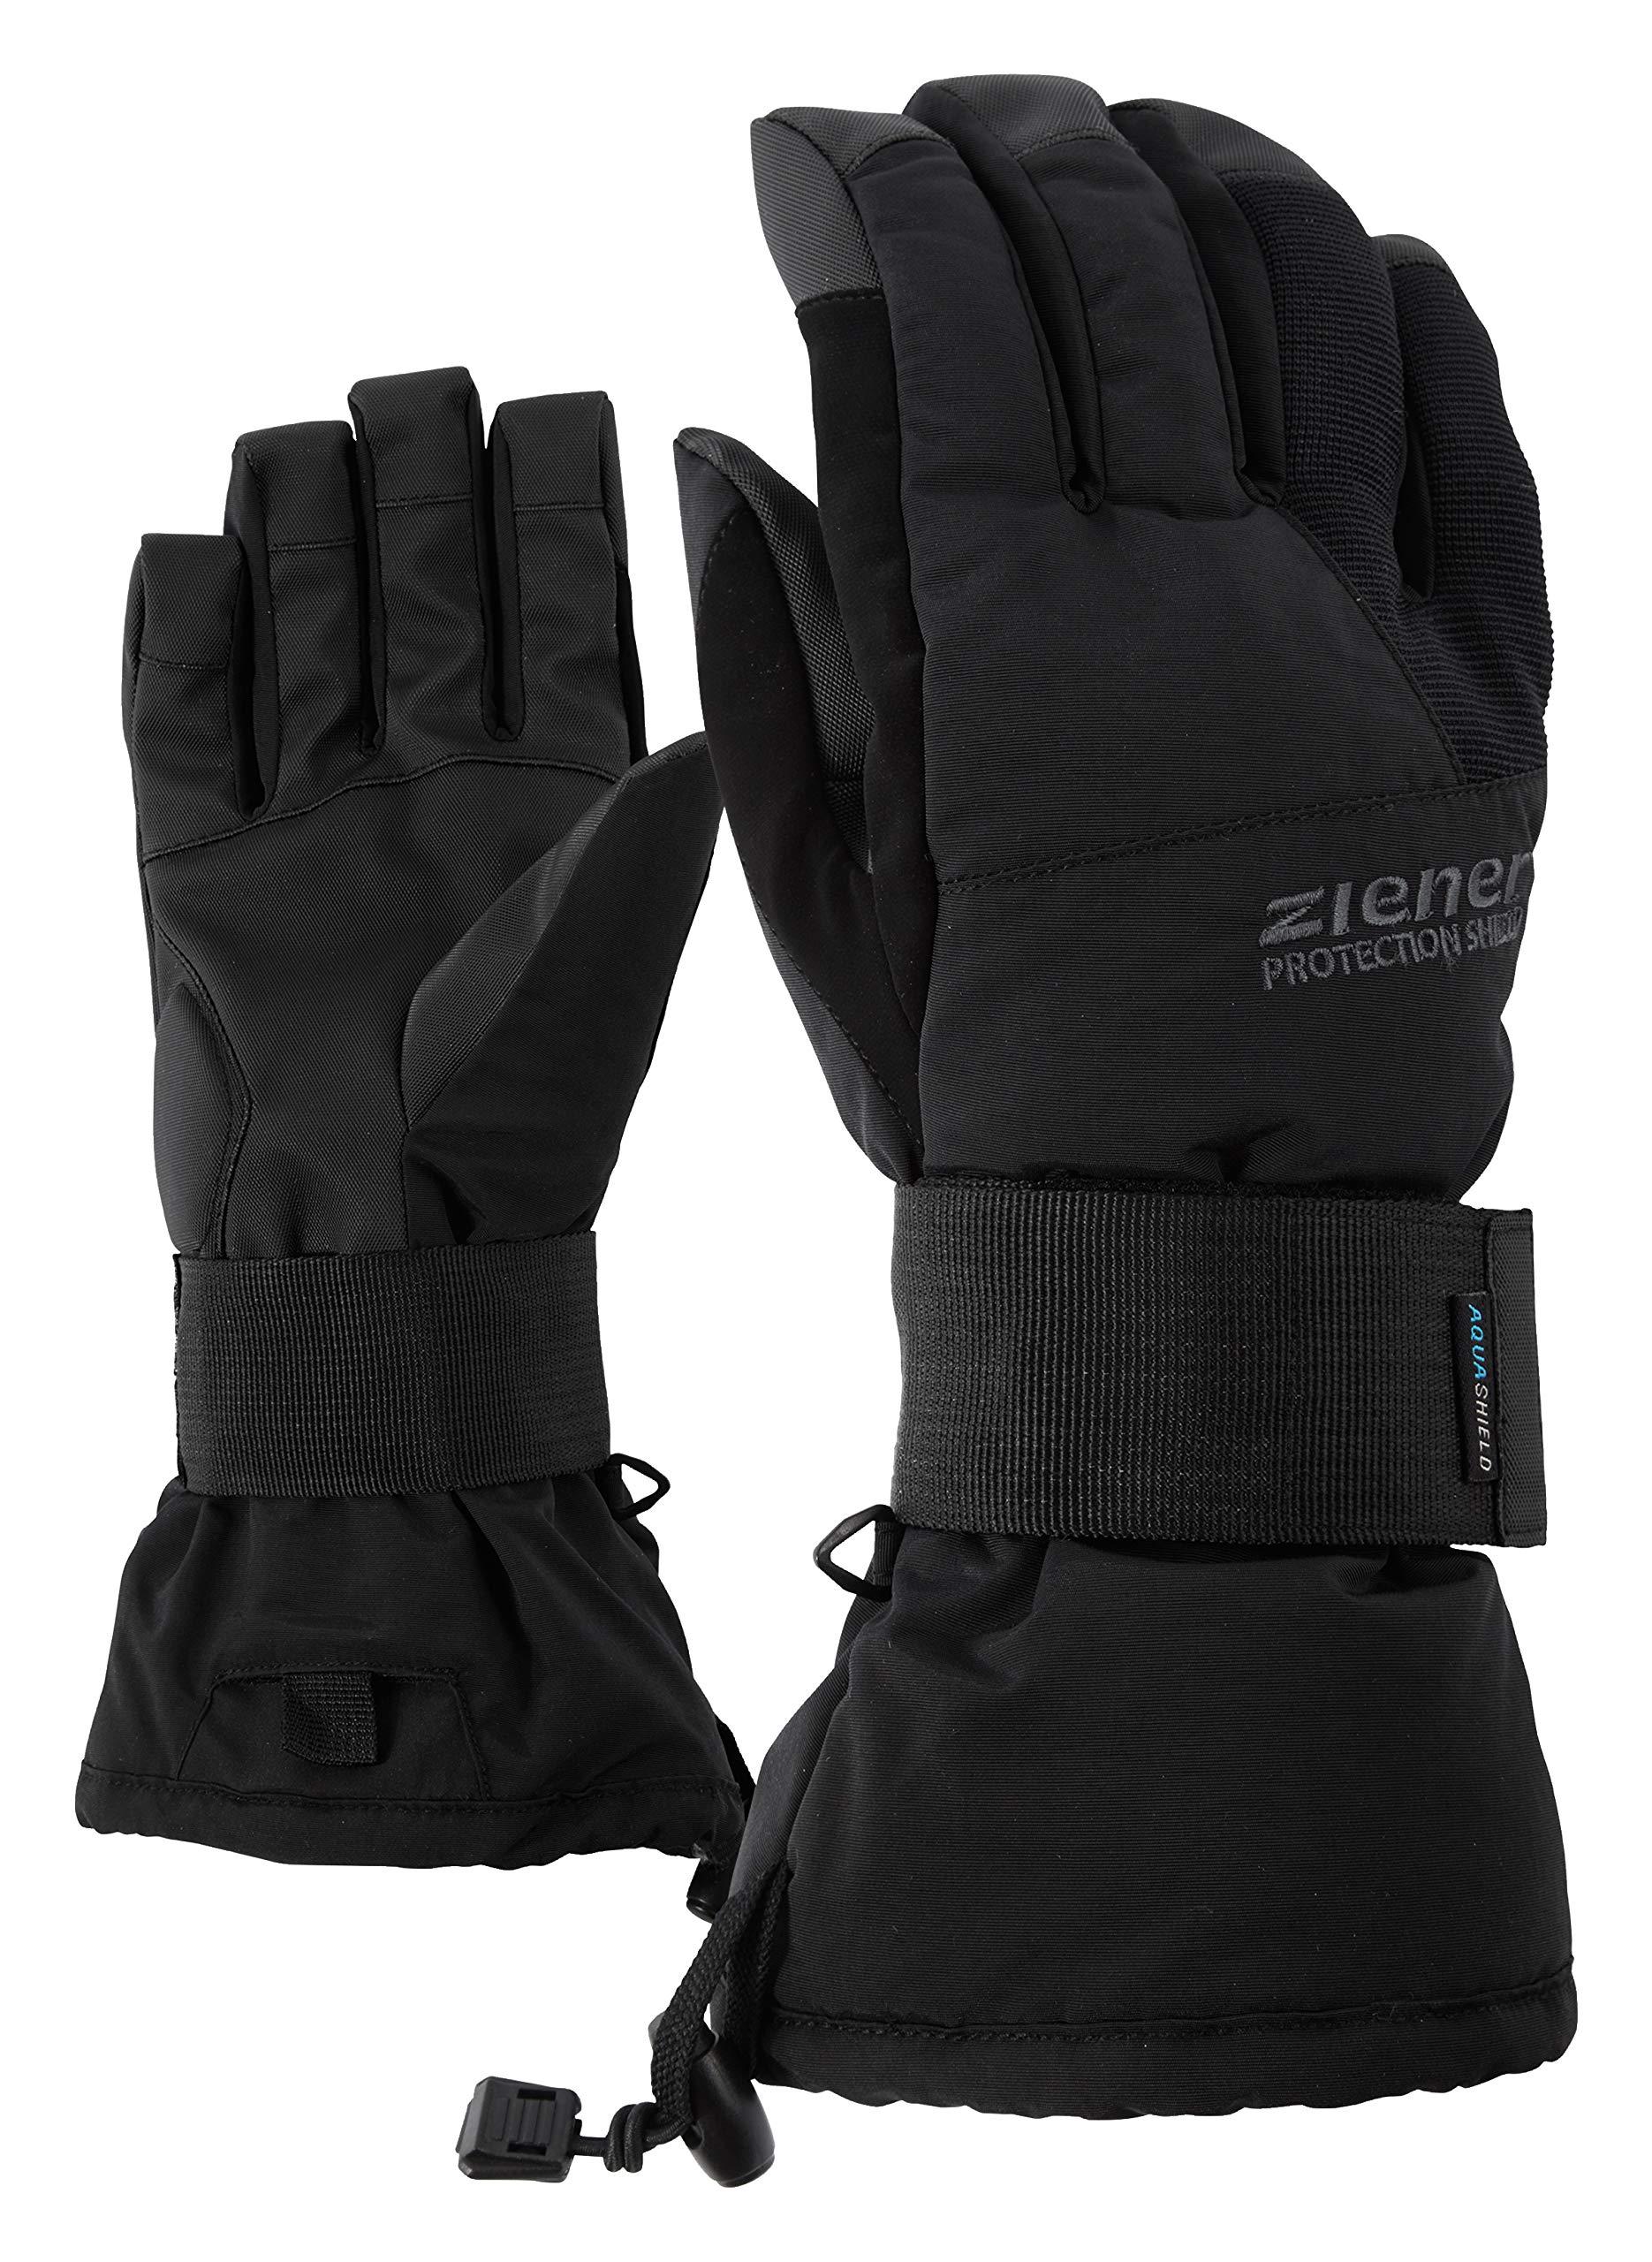 Ziener Erwachsene MERFOS AS glove SB Snowboard-Handschuhe / Wintersport | wasser